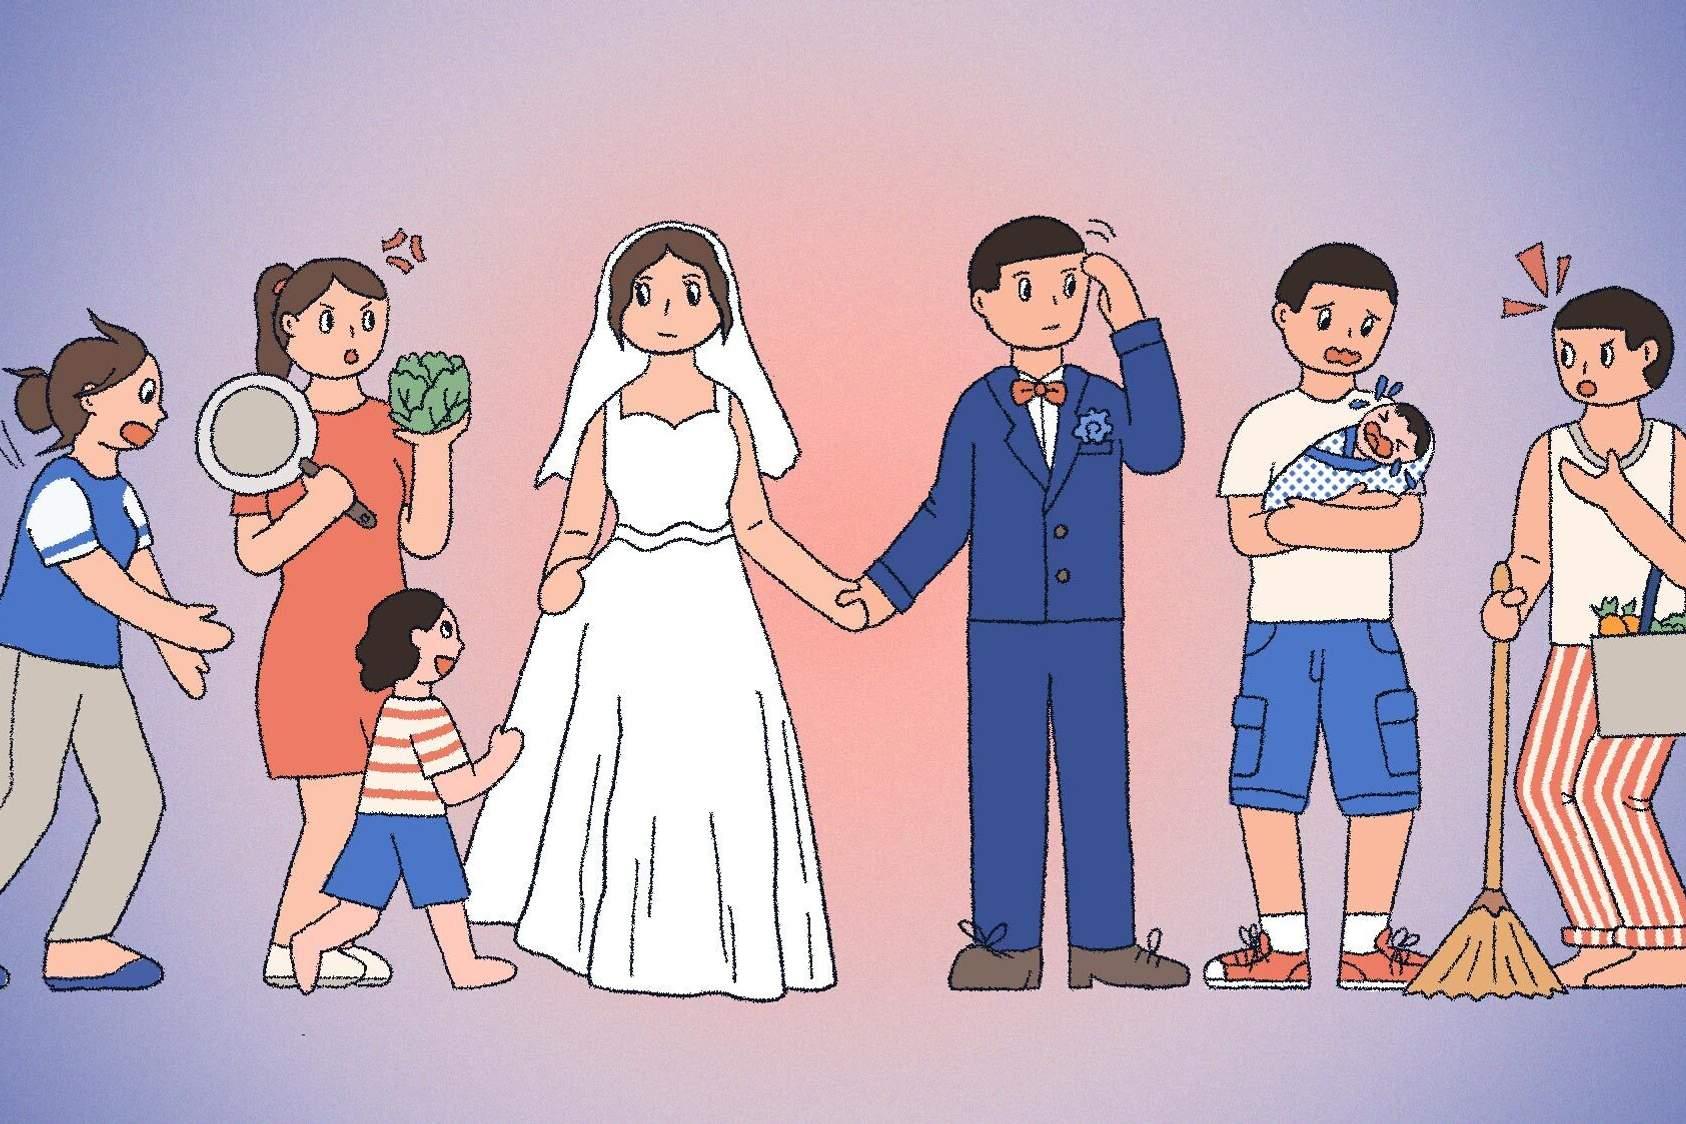 Hôn nhân có khiến tình yêu phai nhạt? Chuyên gia tâm lý giải thích